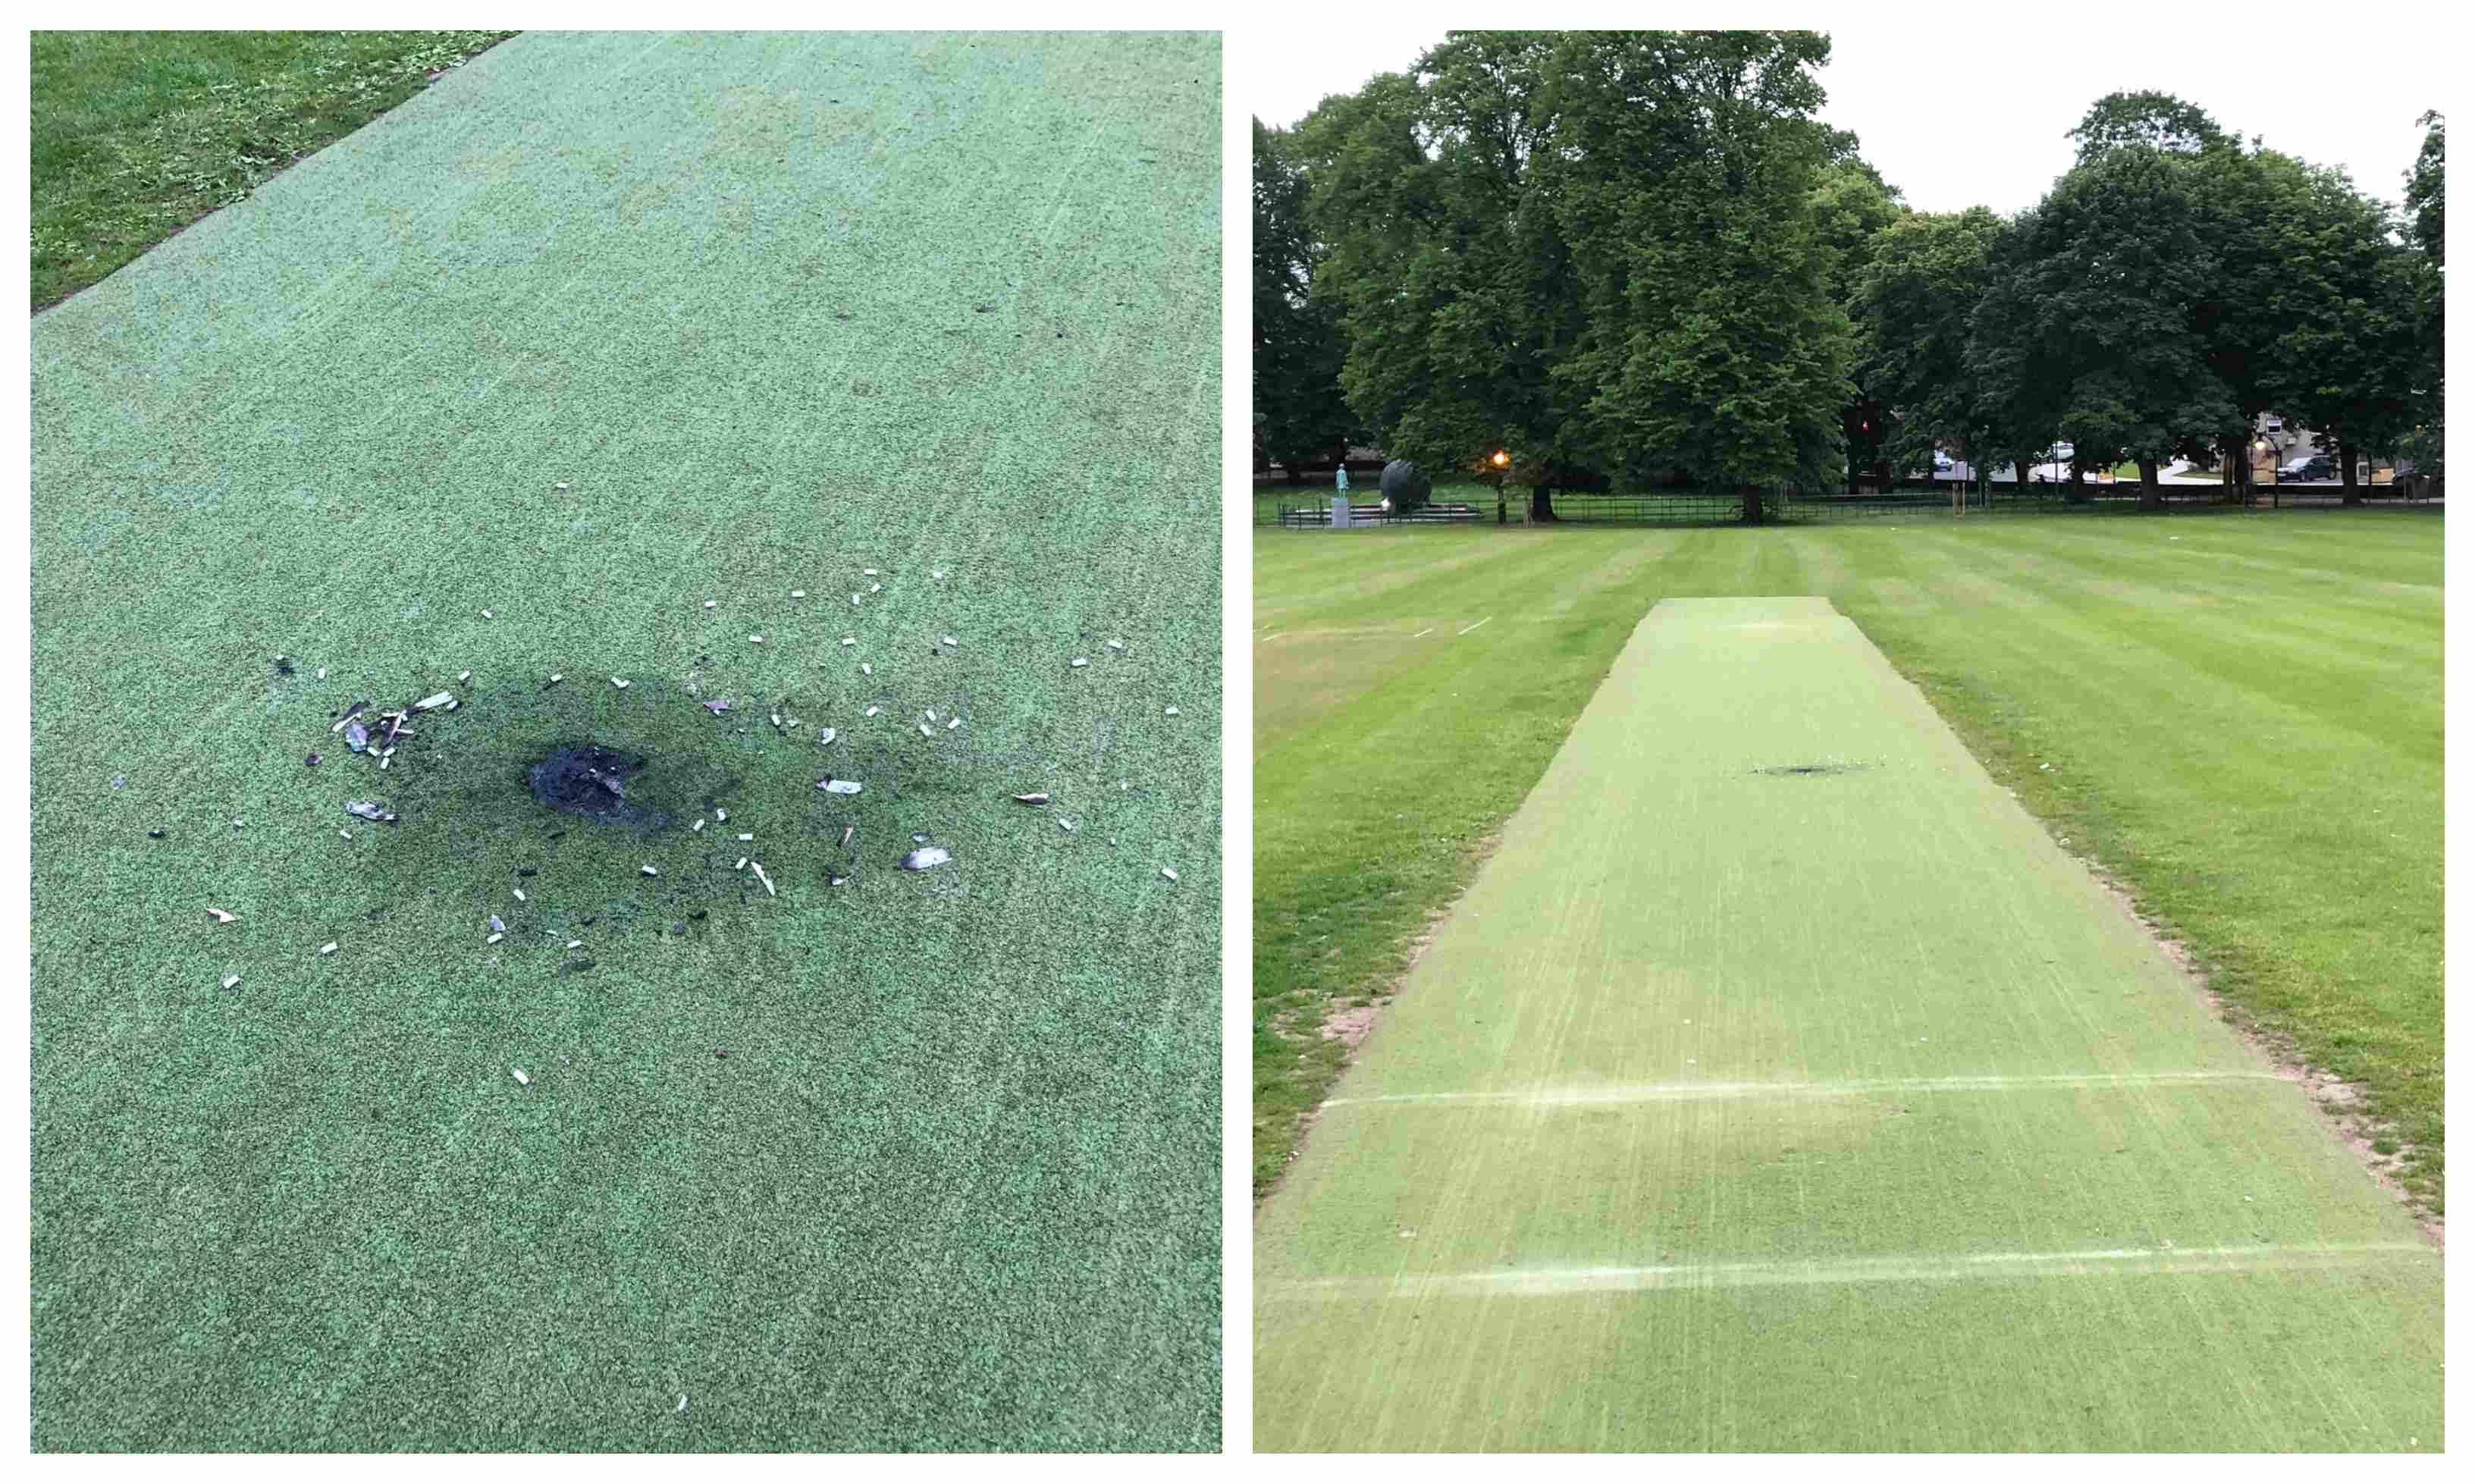 Armagh Cricket Club damaged wicket